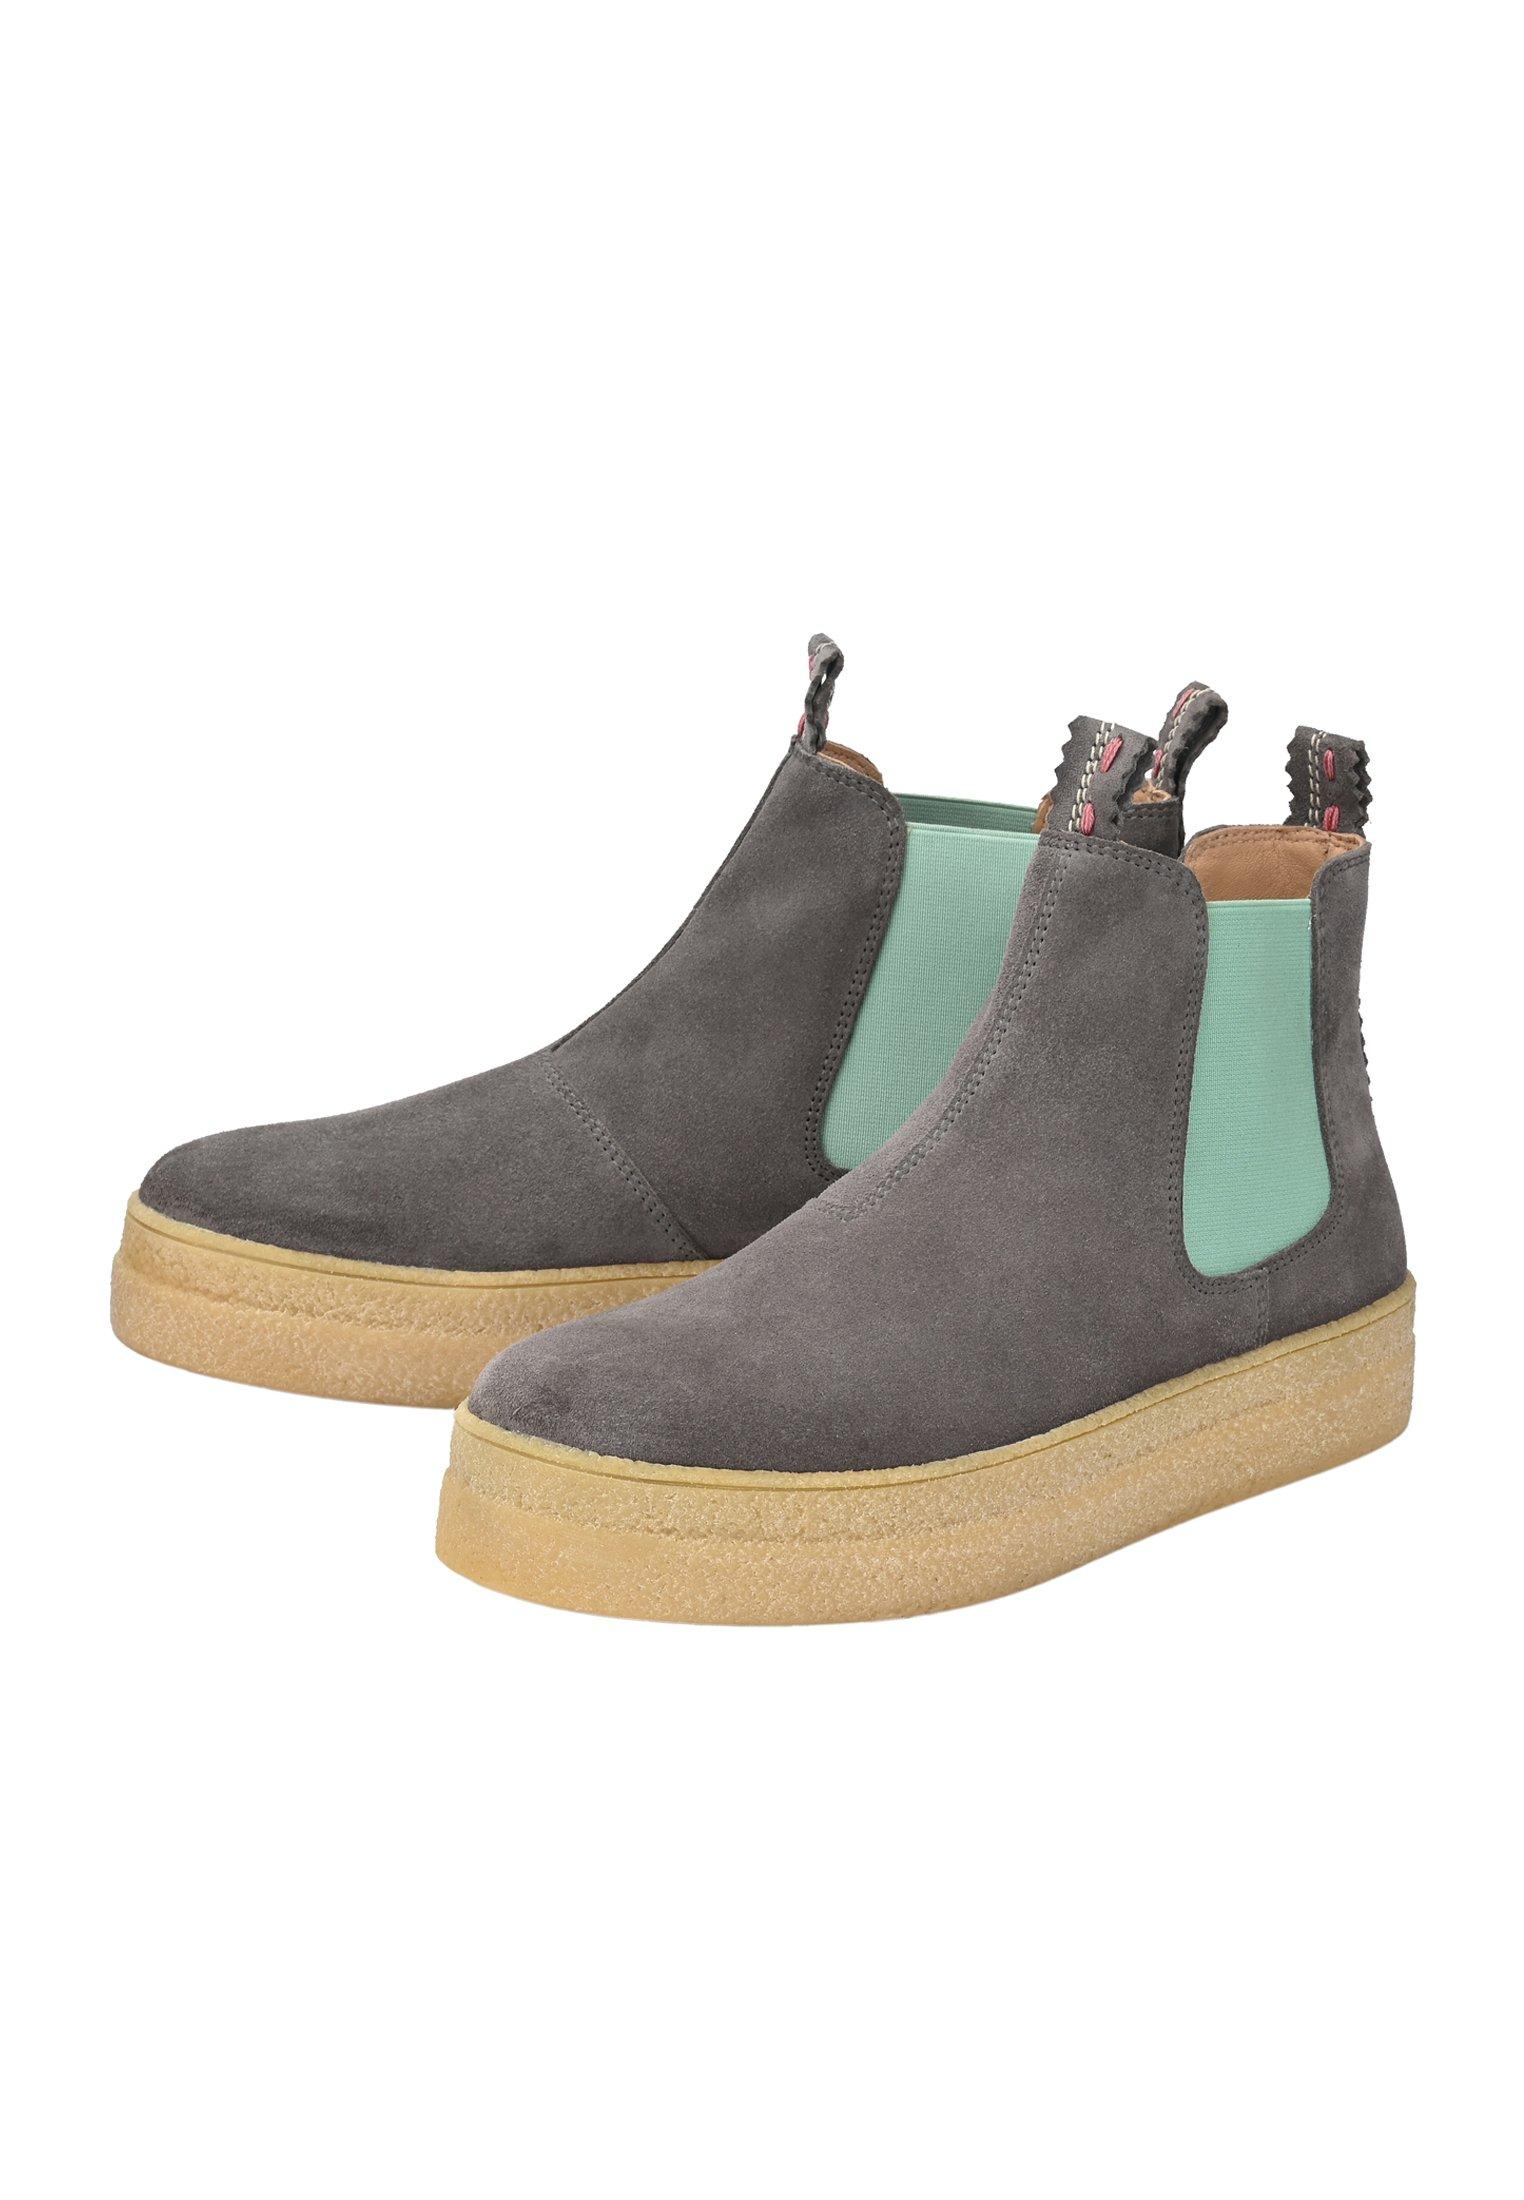 Crickit Chelsea Boot Janne - Ankelstøvler Grau Mint